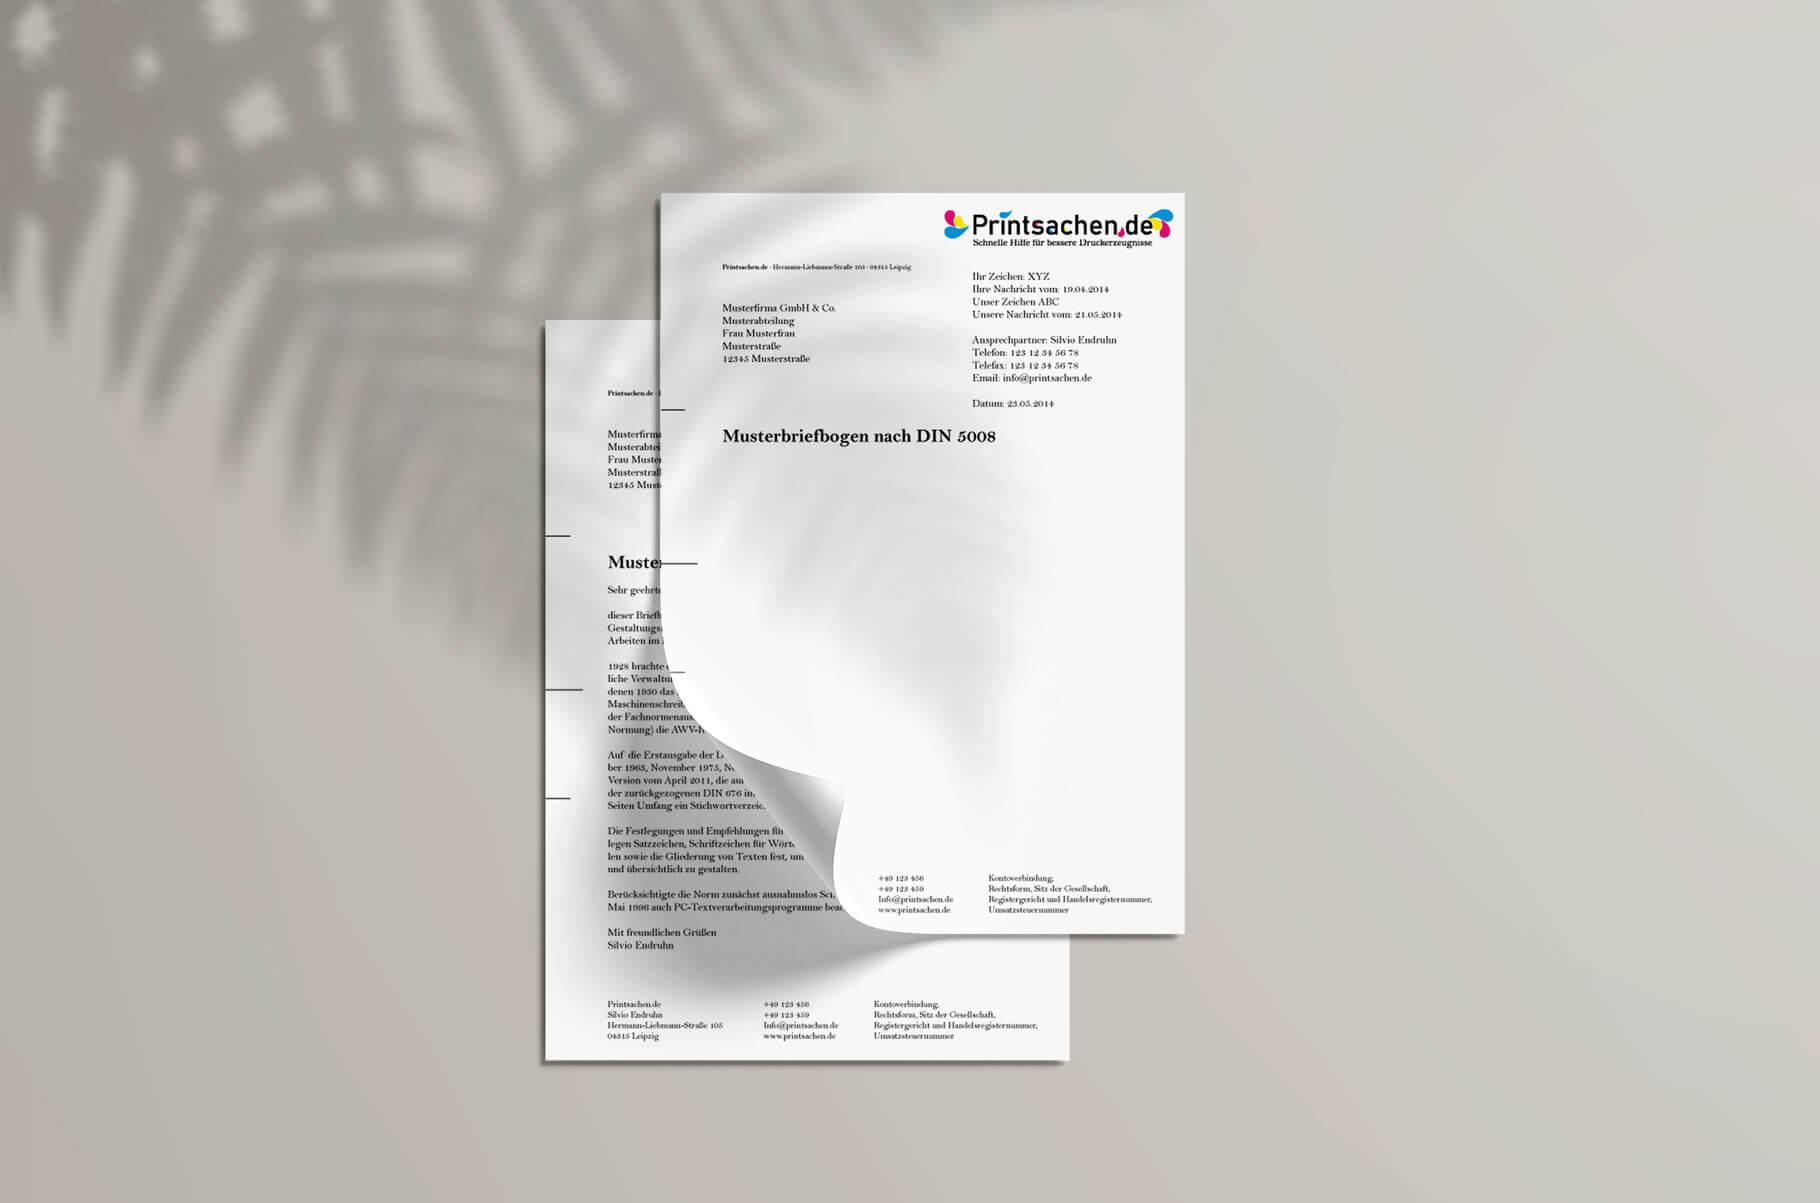 Vorlage Brief Für Fensterumschlag Din A4 - Briefpapier Nach Din Norm 5008 Erstellen Printsachen De